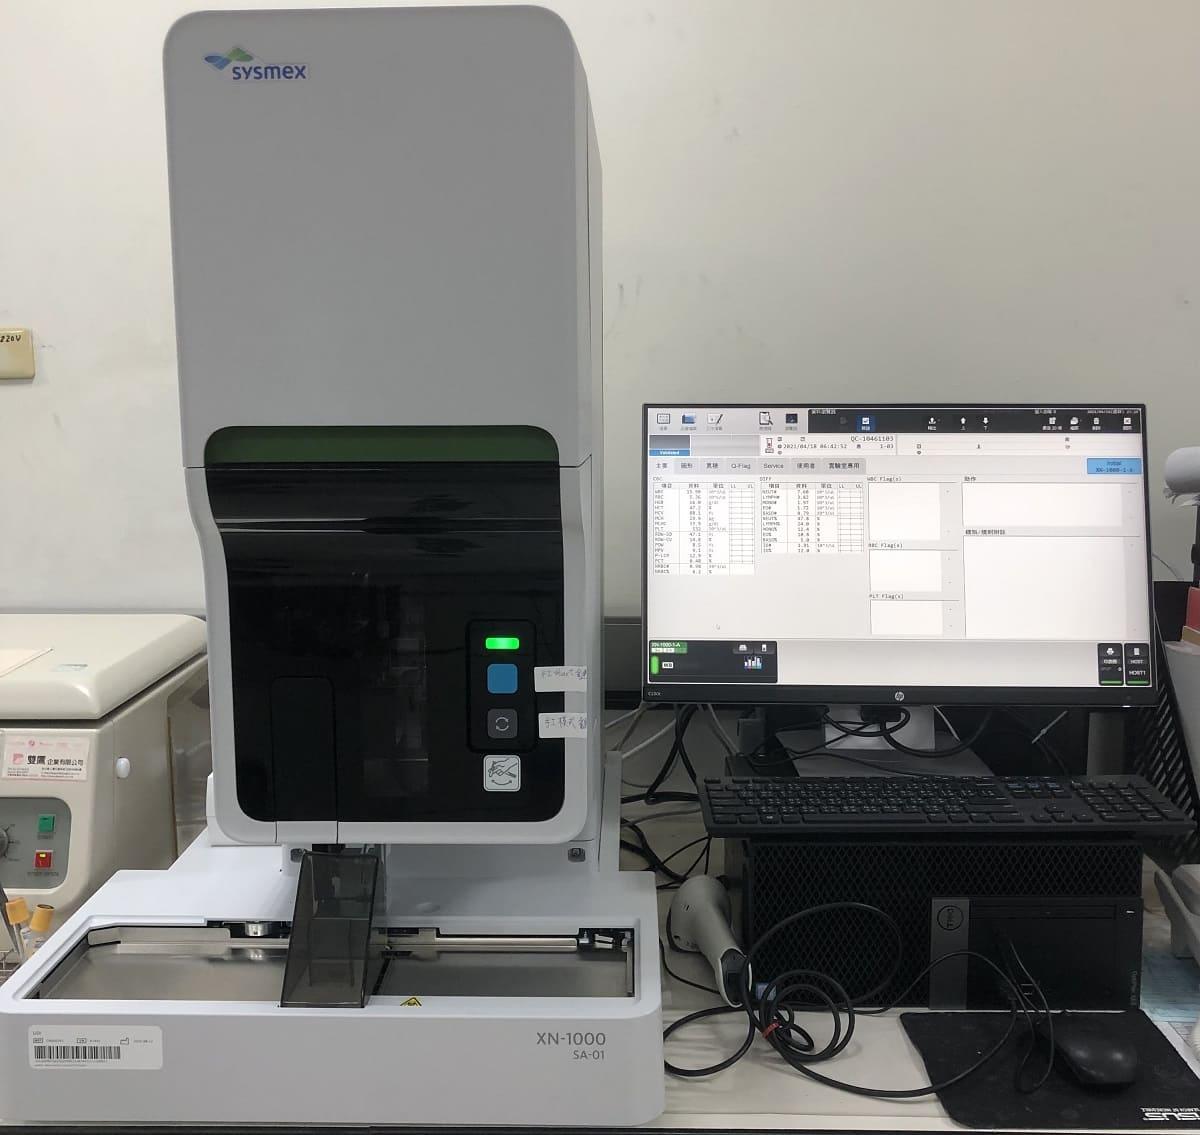 看大圖:SYSMEX XT-1800i全自動血液分析儀(另開新視窗)